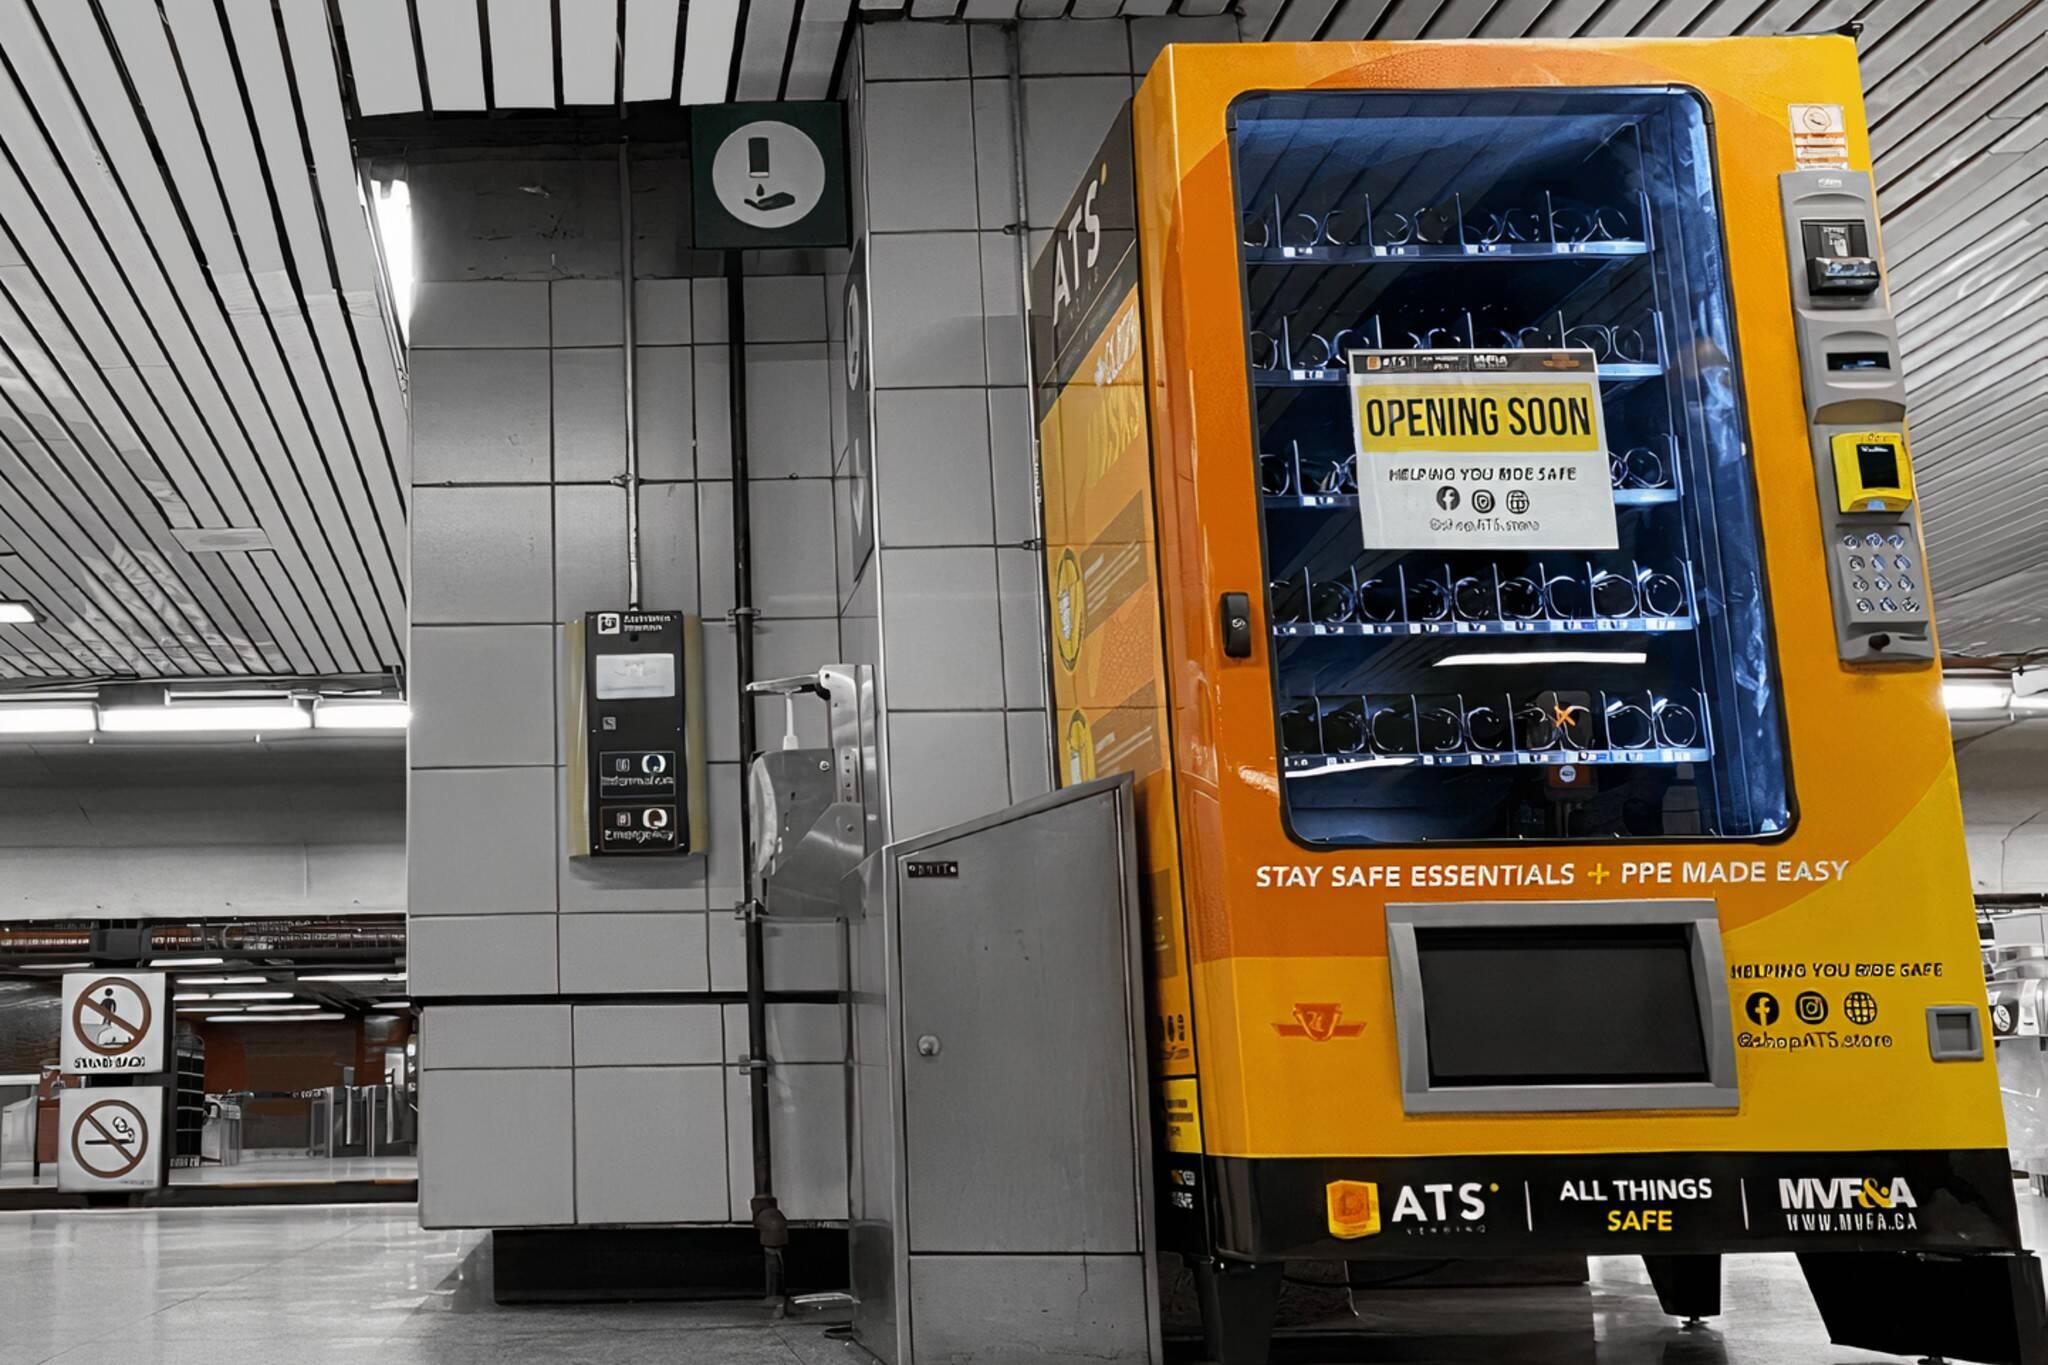 ttc vending machine